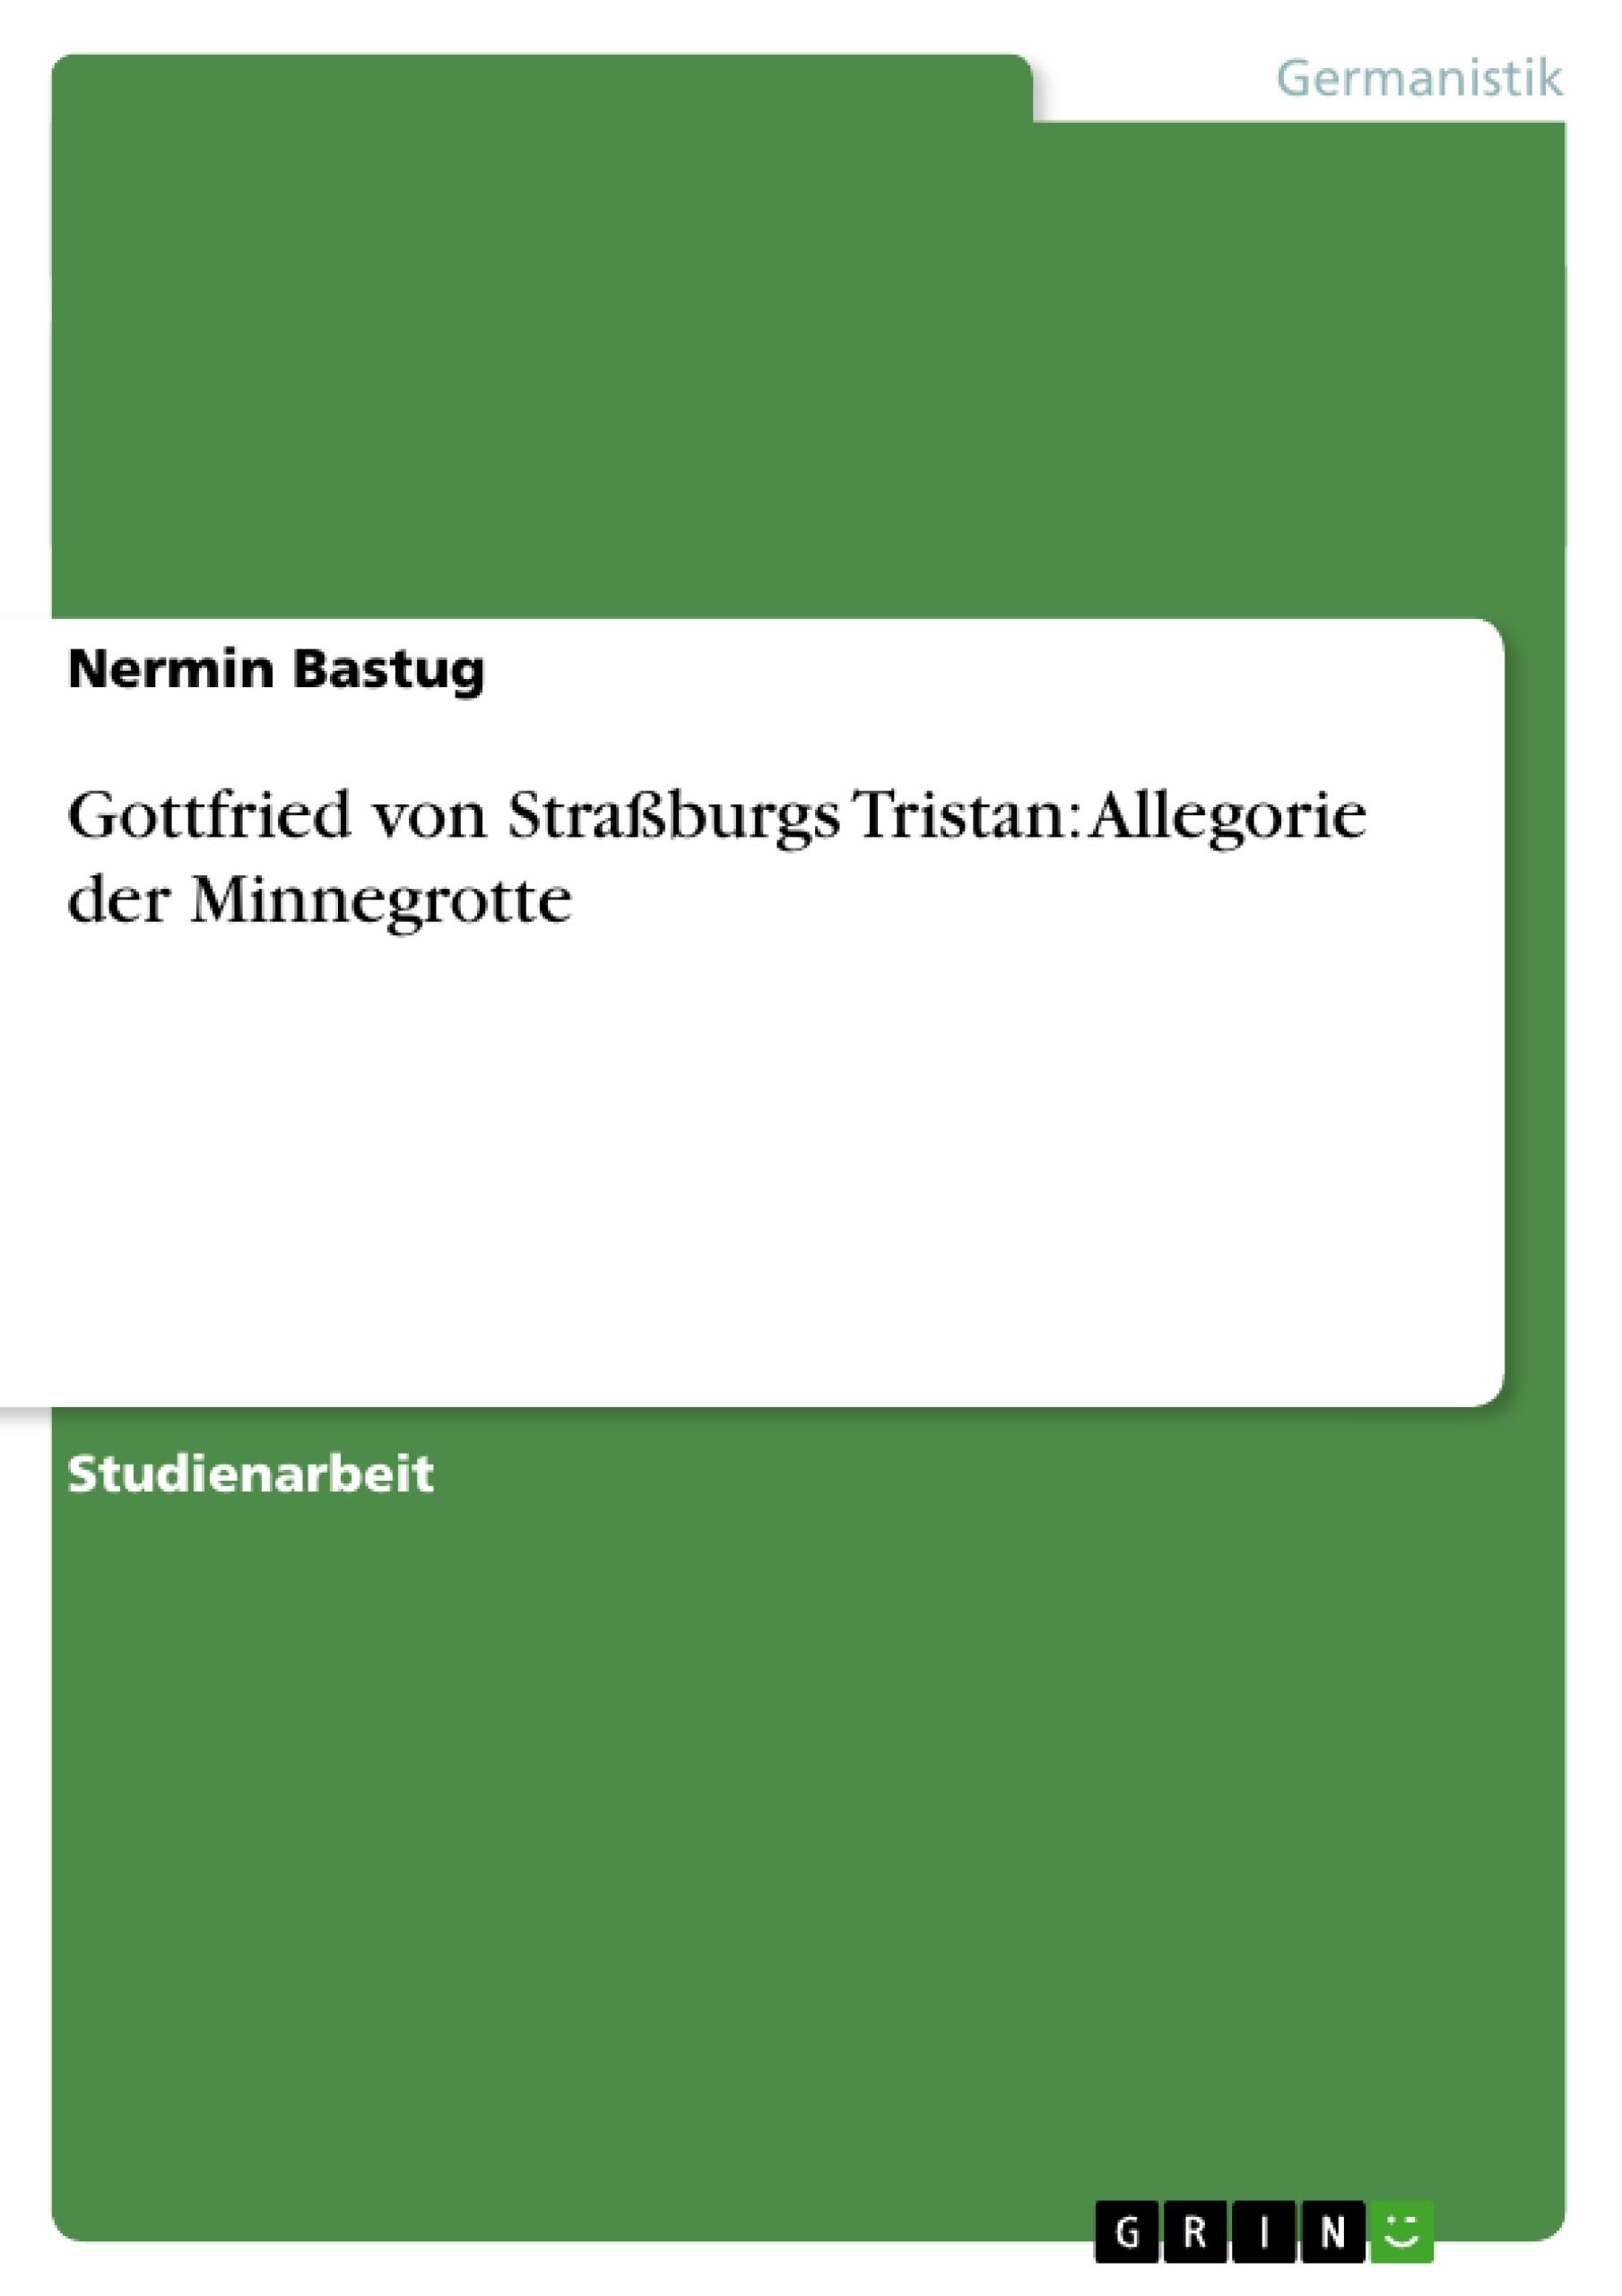 Titel: Gottfried von Straßburgs Tristan: Allegorie der Minnegrotte